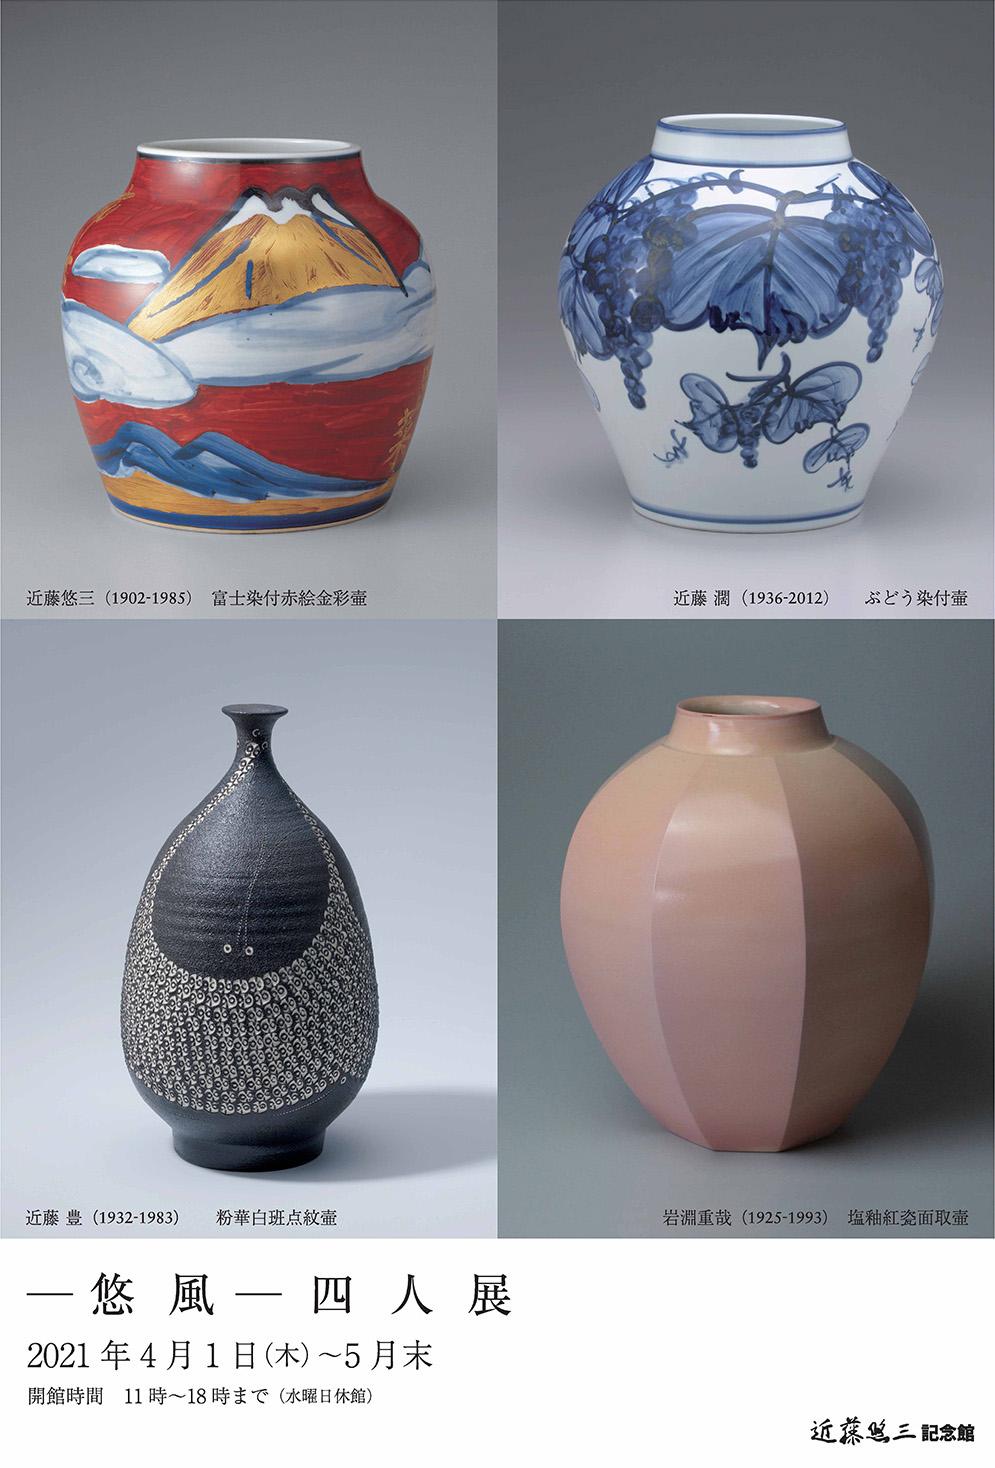 exhibition_0401-052021web